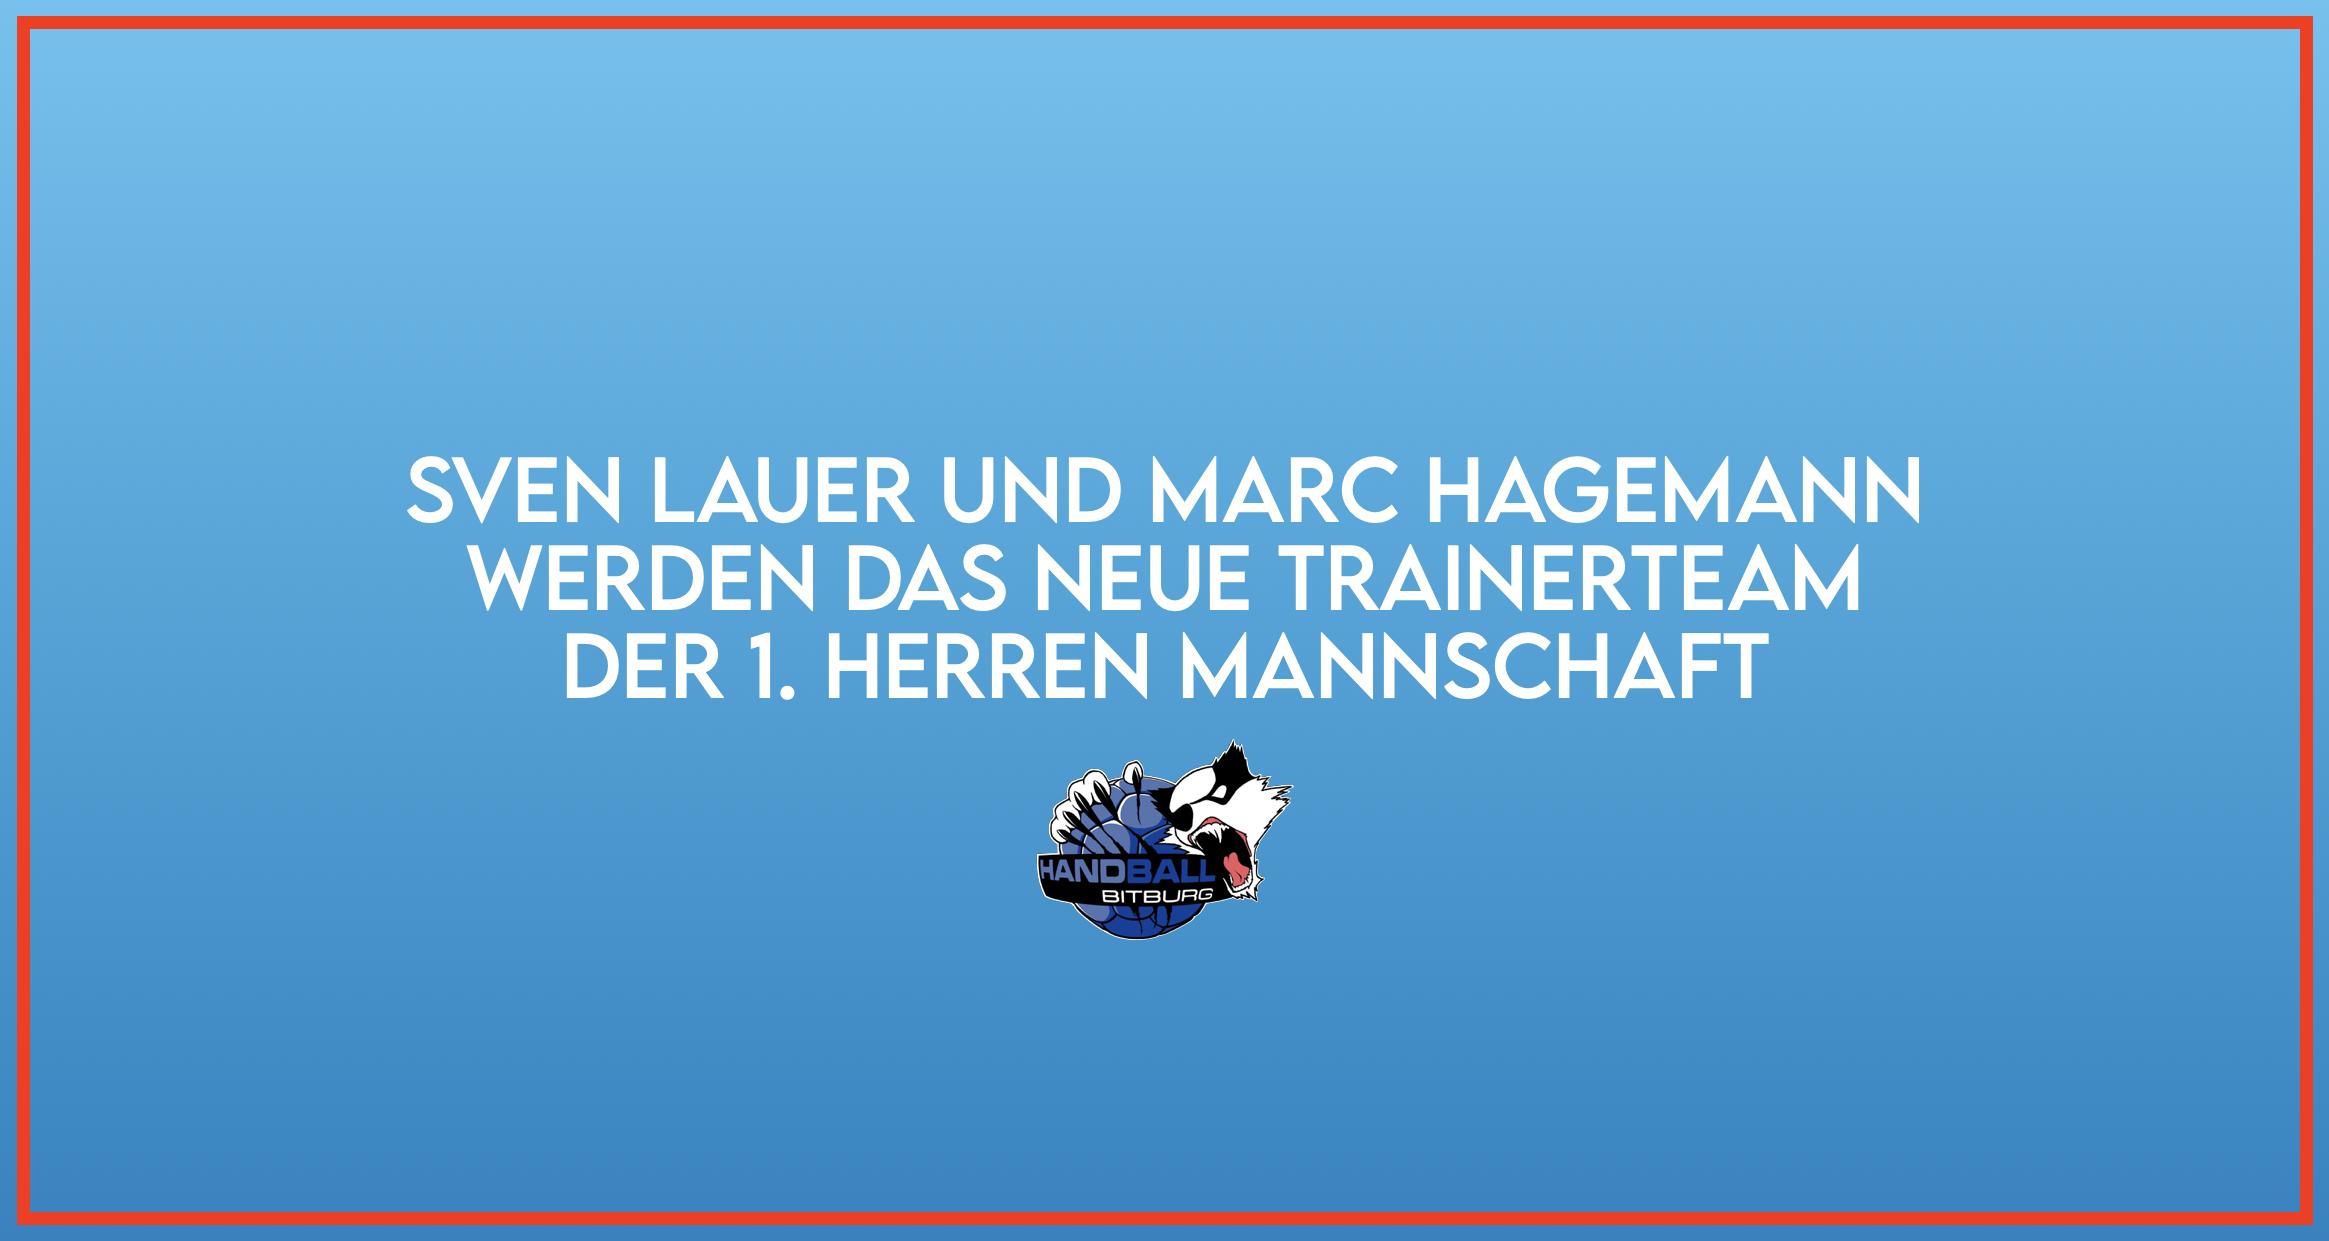 Sven Lauer und Marc Hagemann werden Trainer der 1. Herren Mannschaft